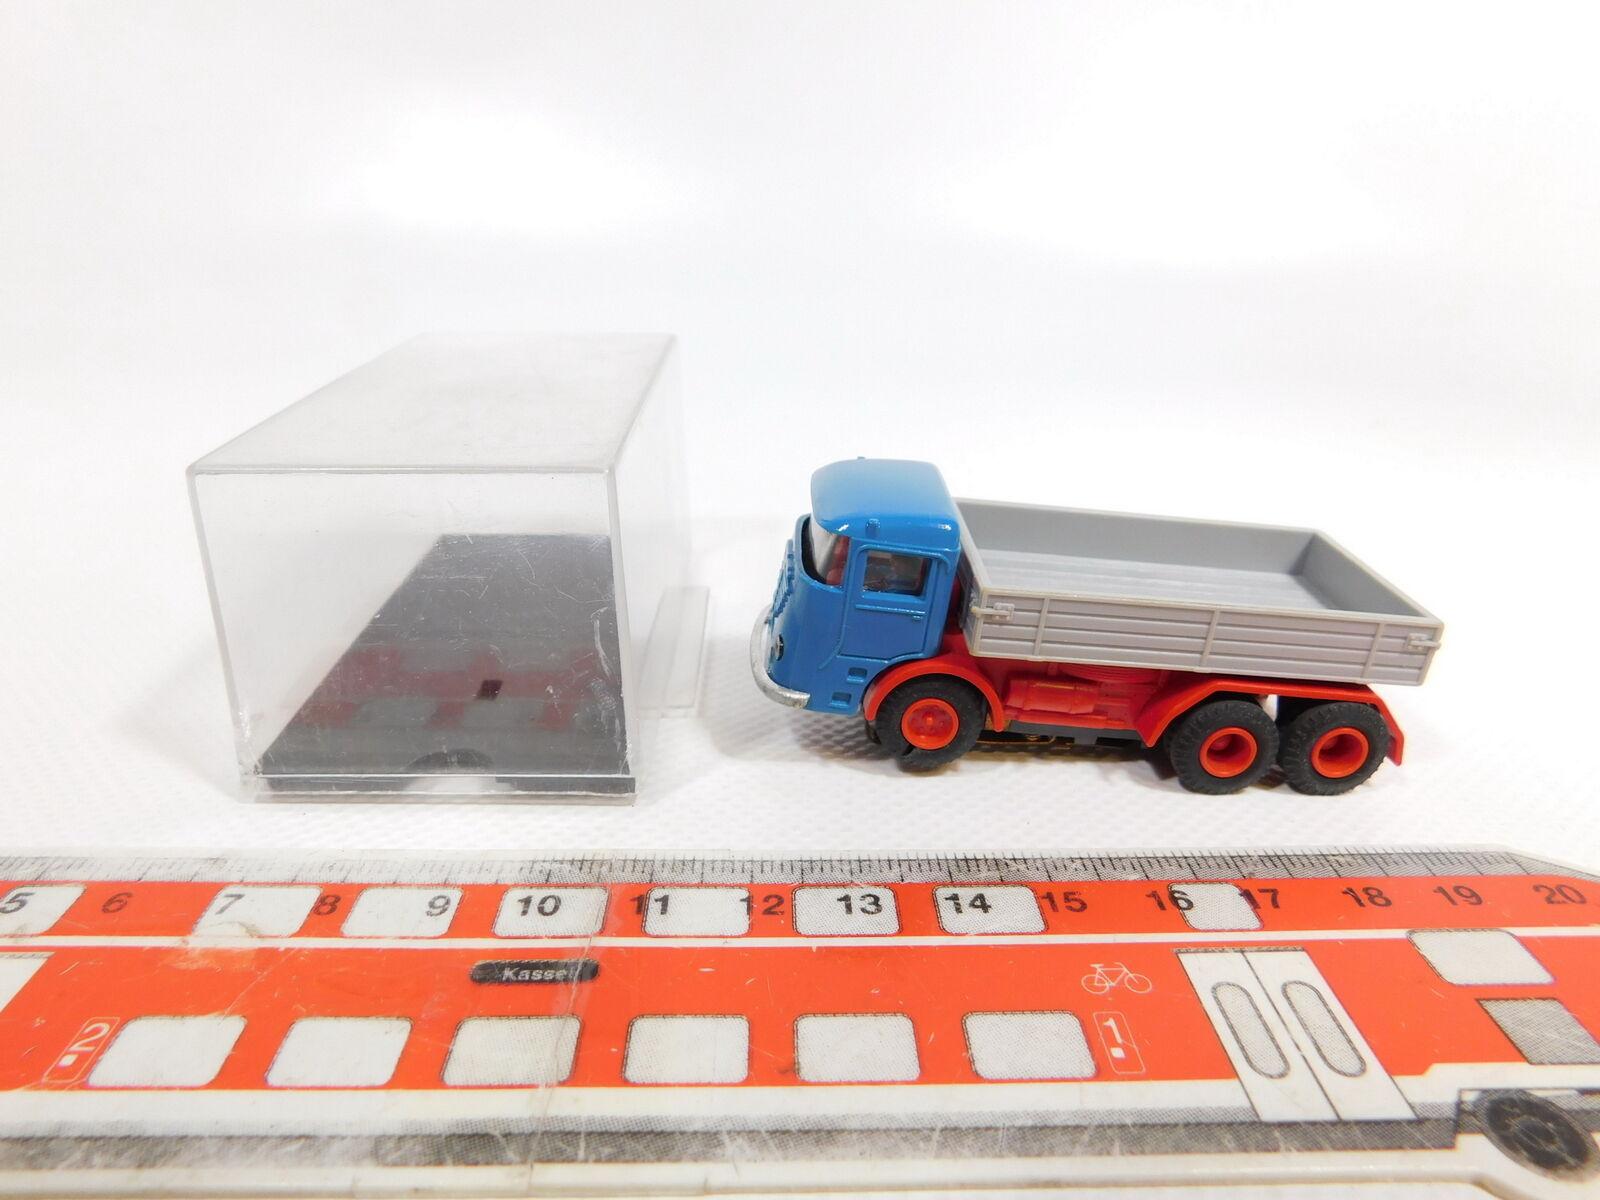 CG288-0,5   Faller Ams   Auto Motor Deporte 4871 Camión Büssing,Grifo rojoa + Box